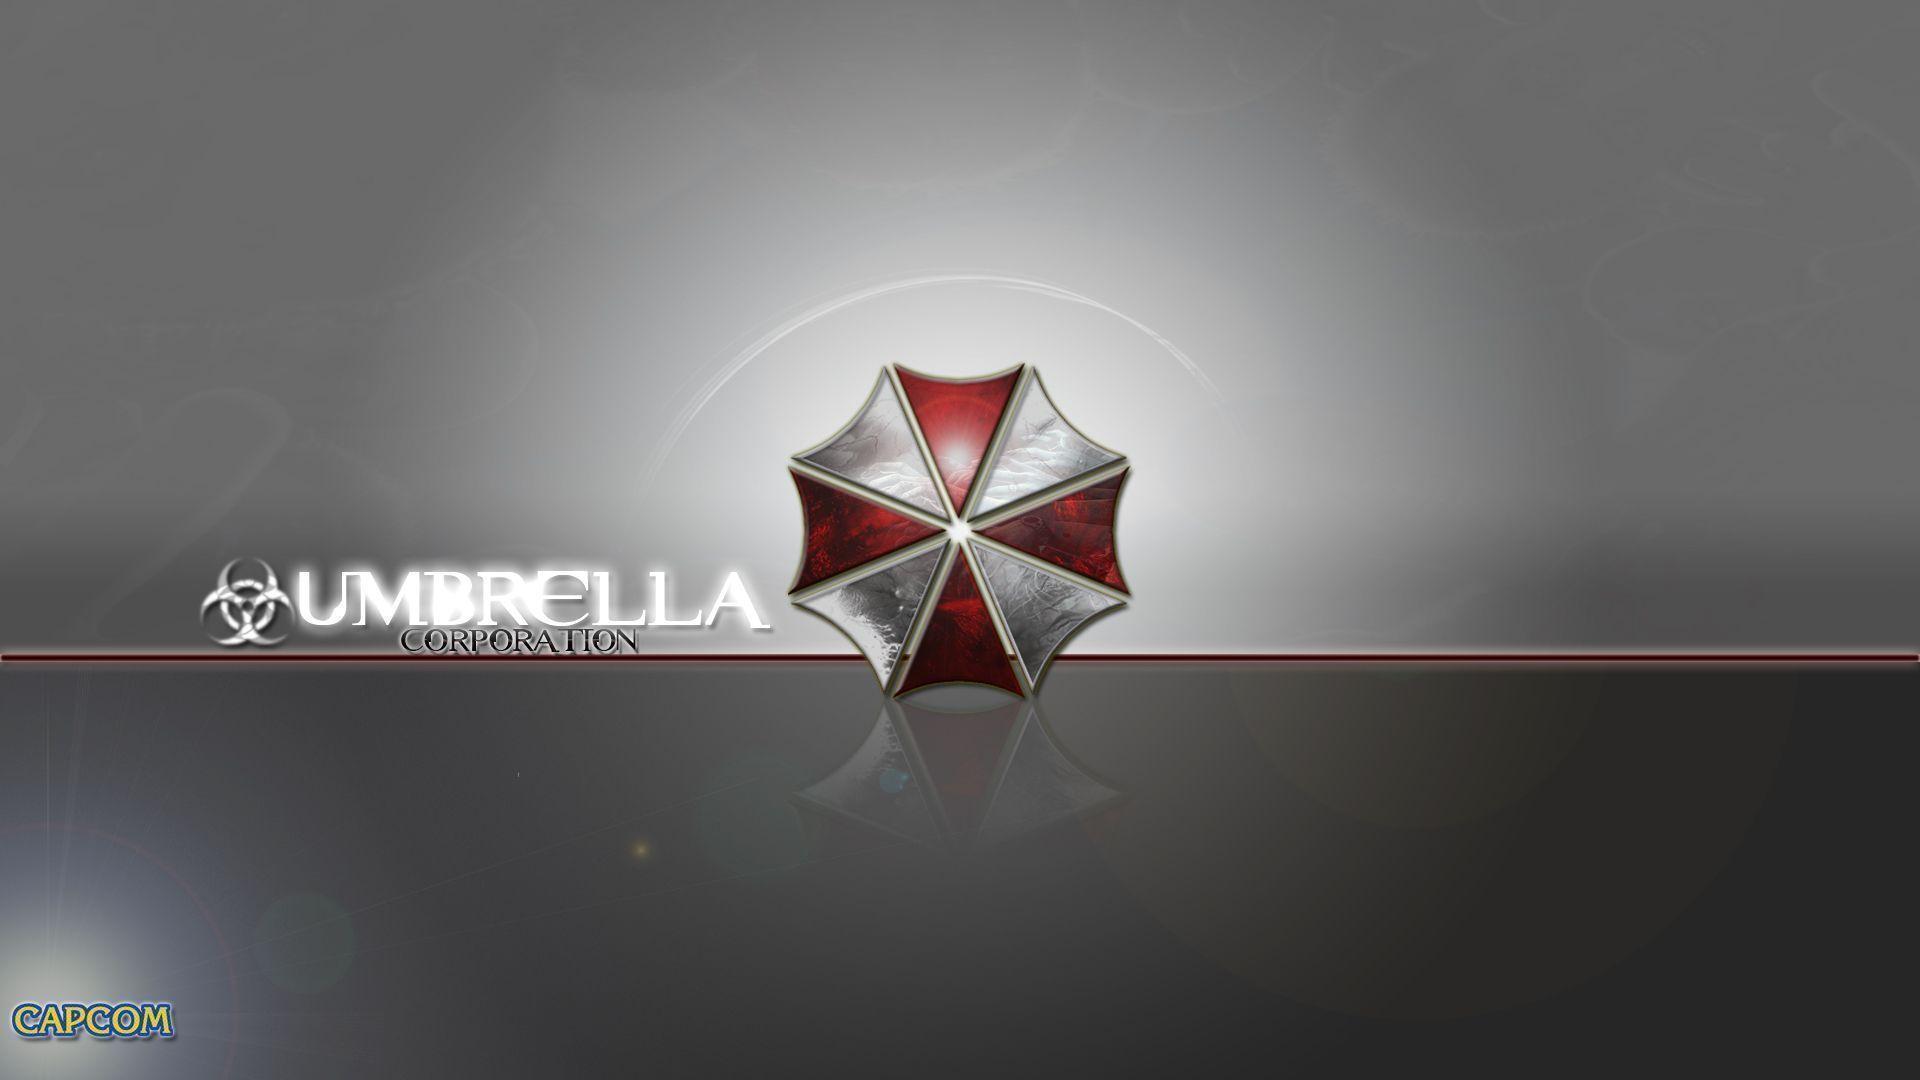 umbrella wallpaper 1920x1080